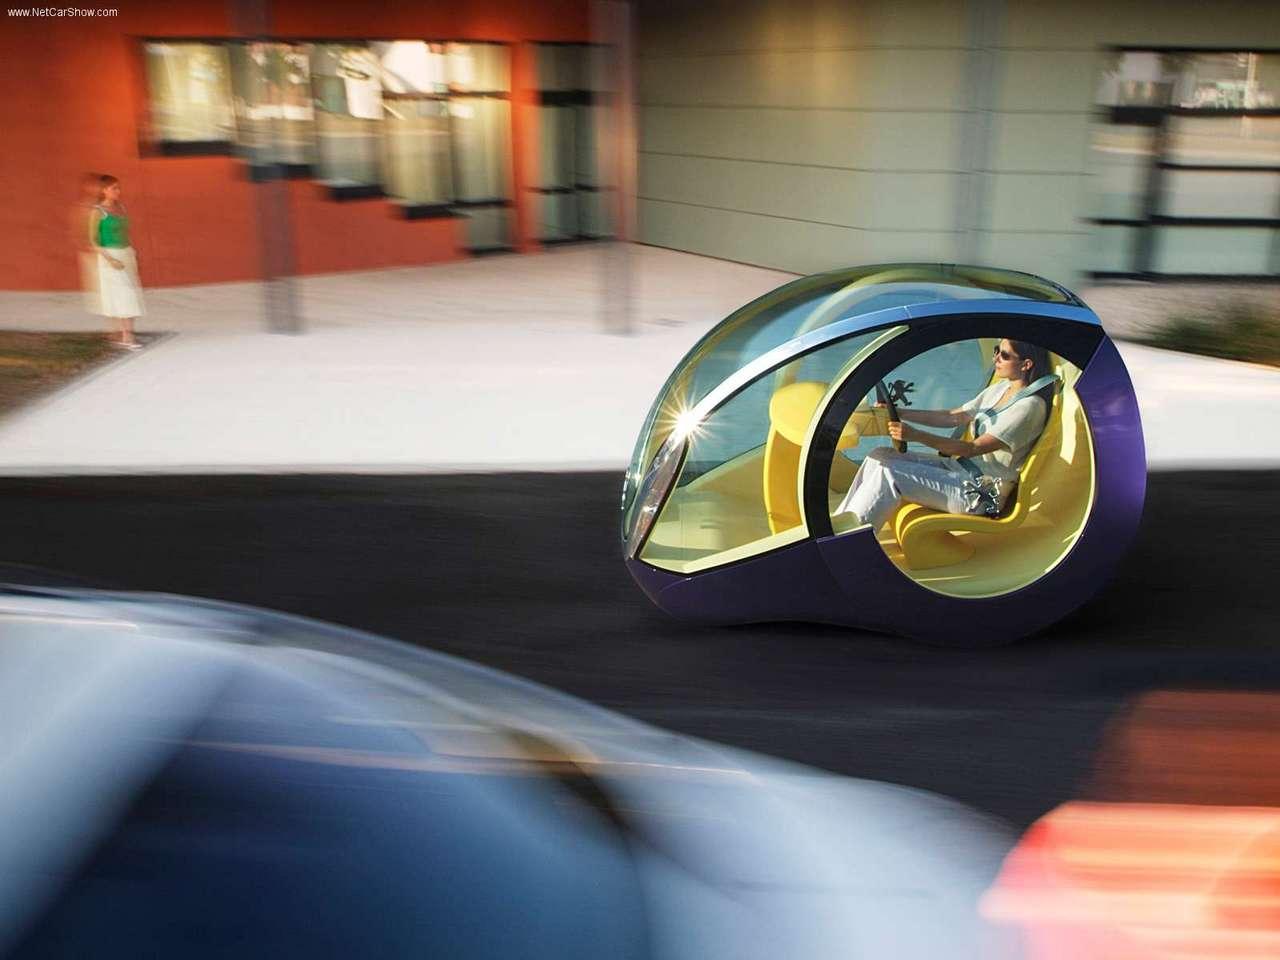 http://4.bp.blogspot.com/_xhqjRo6NERQ/S7y5XKgN50I/AAAAAAAAHsA/kKc32_bsb6g/s1600/Peugeot-Moovie_Concept_2006_1280x960_wallpaper_01.jpg